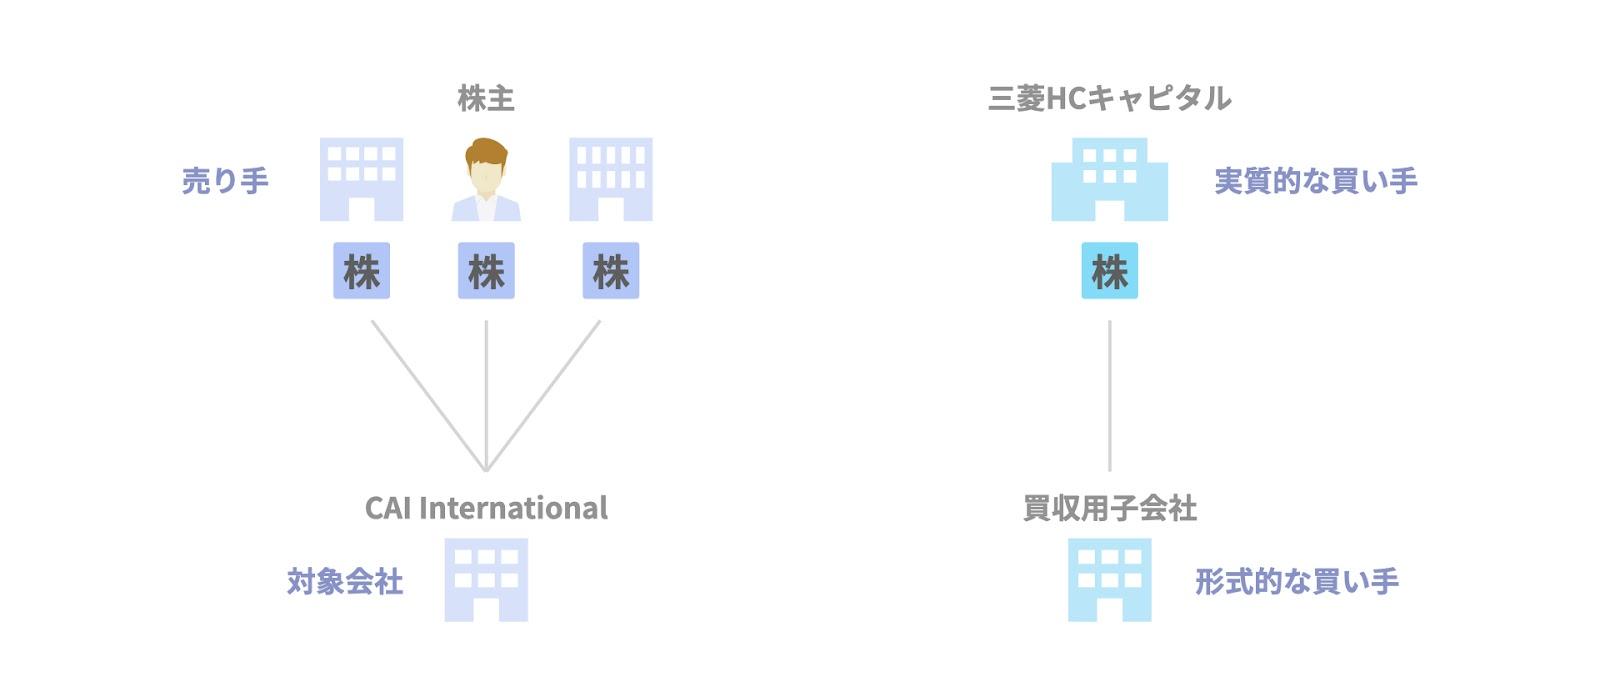 逆三角合併の事例① 三菱HCキャピタルによるCAI Internationalの買収の関係者